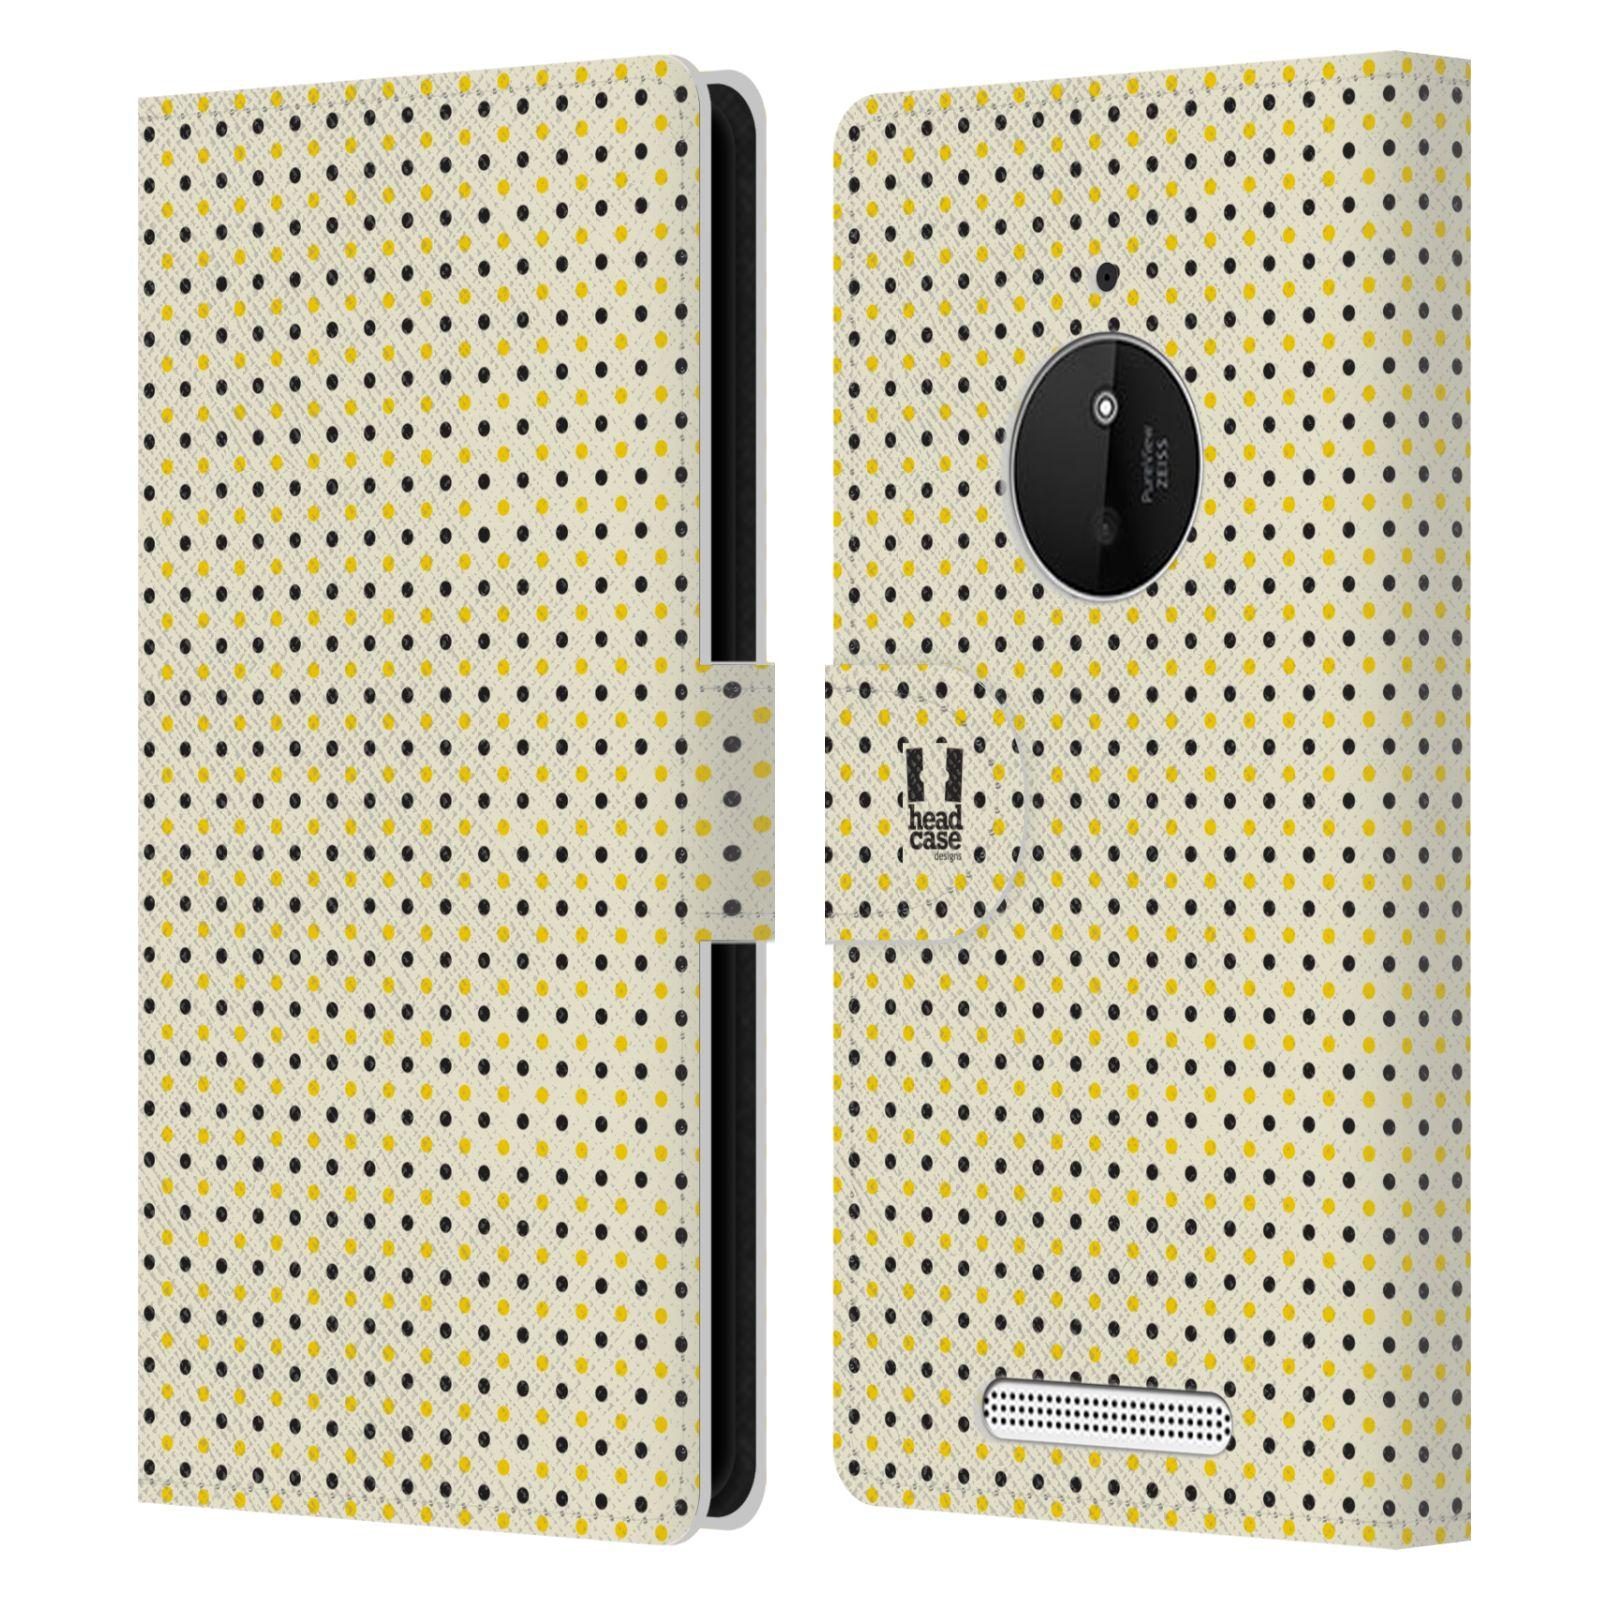 HEAD CASE Flipové pouzdro pro mobil NOKIA LUMIA 830 VČELÍ VZOR tečky a puntíky